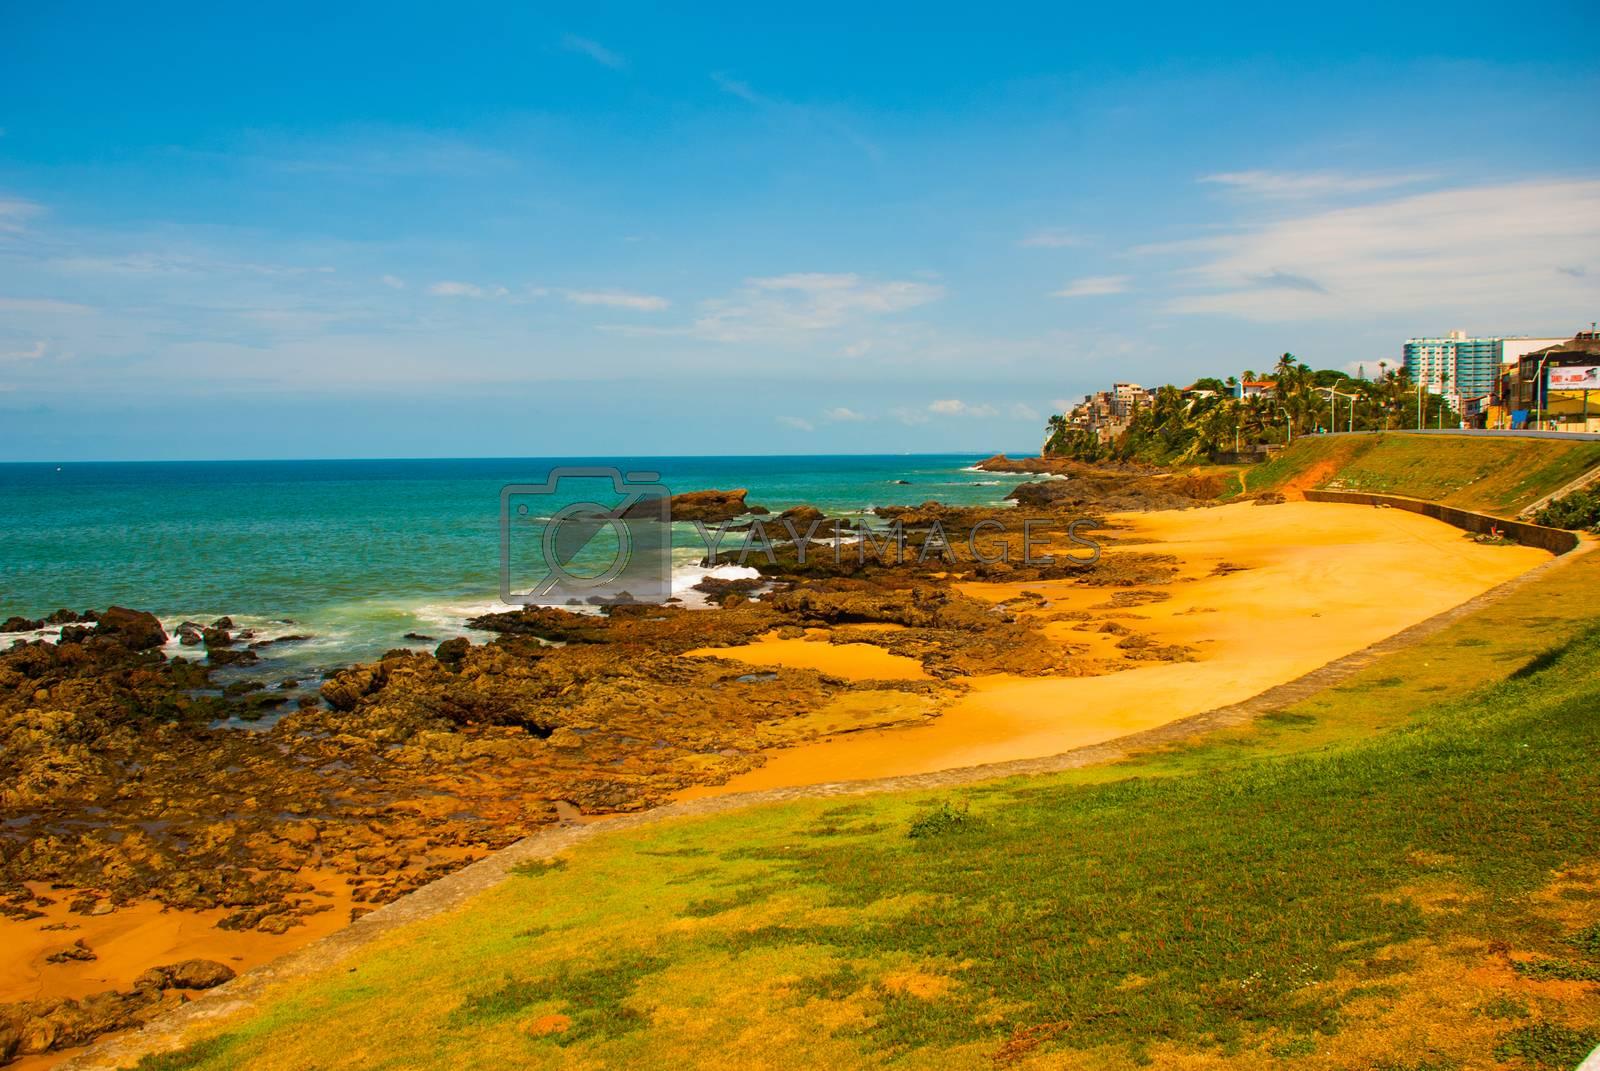 Brazilian beach with yellow sand and blue sea in Sunny weather. Brazil. Sao Salvador da Bahia de Todos os Santos. South America.